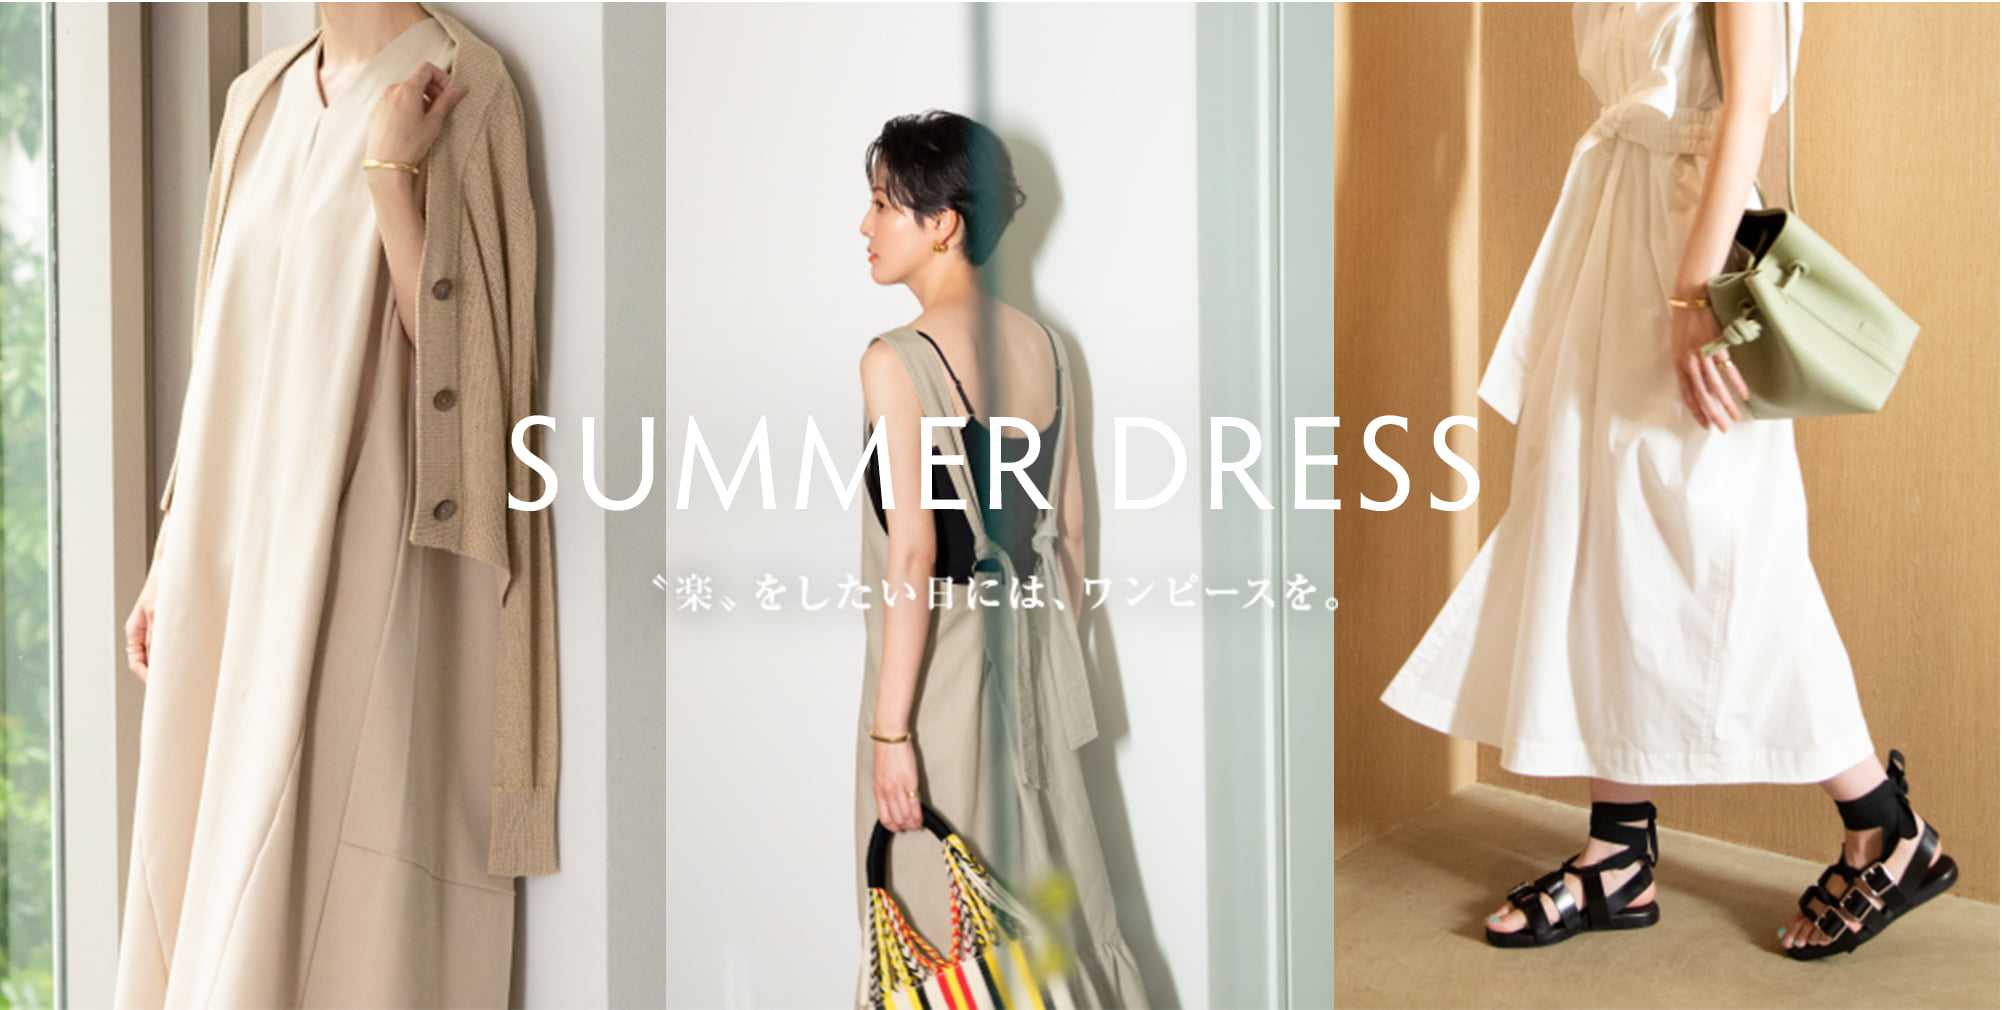 SUMMER DRESS: 〝楽〟をしたい日には、ワンピースを。